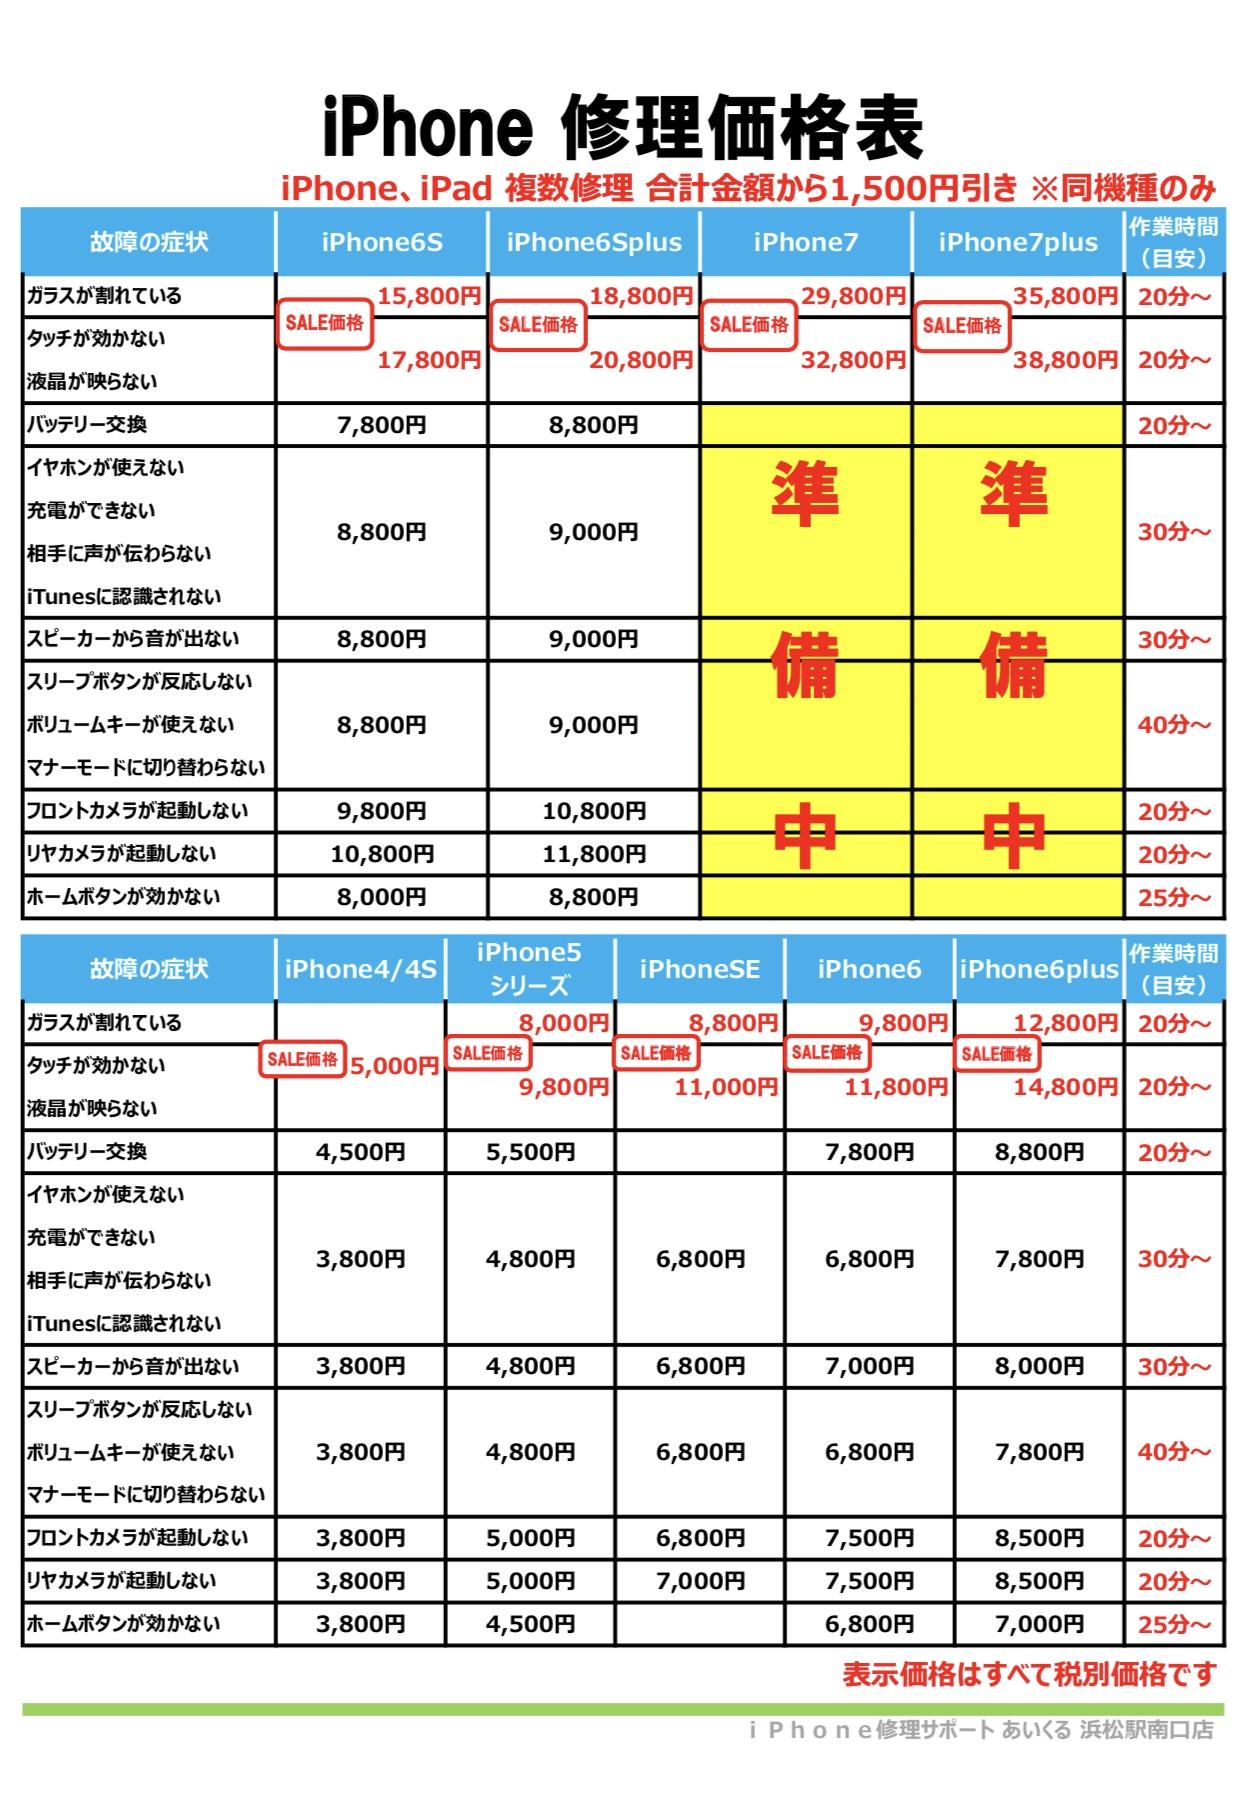 浜松店iPhone修理料金表